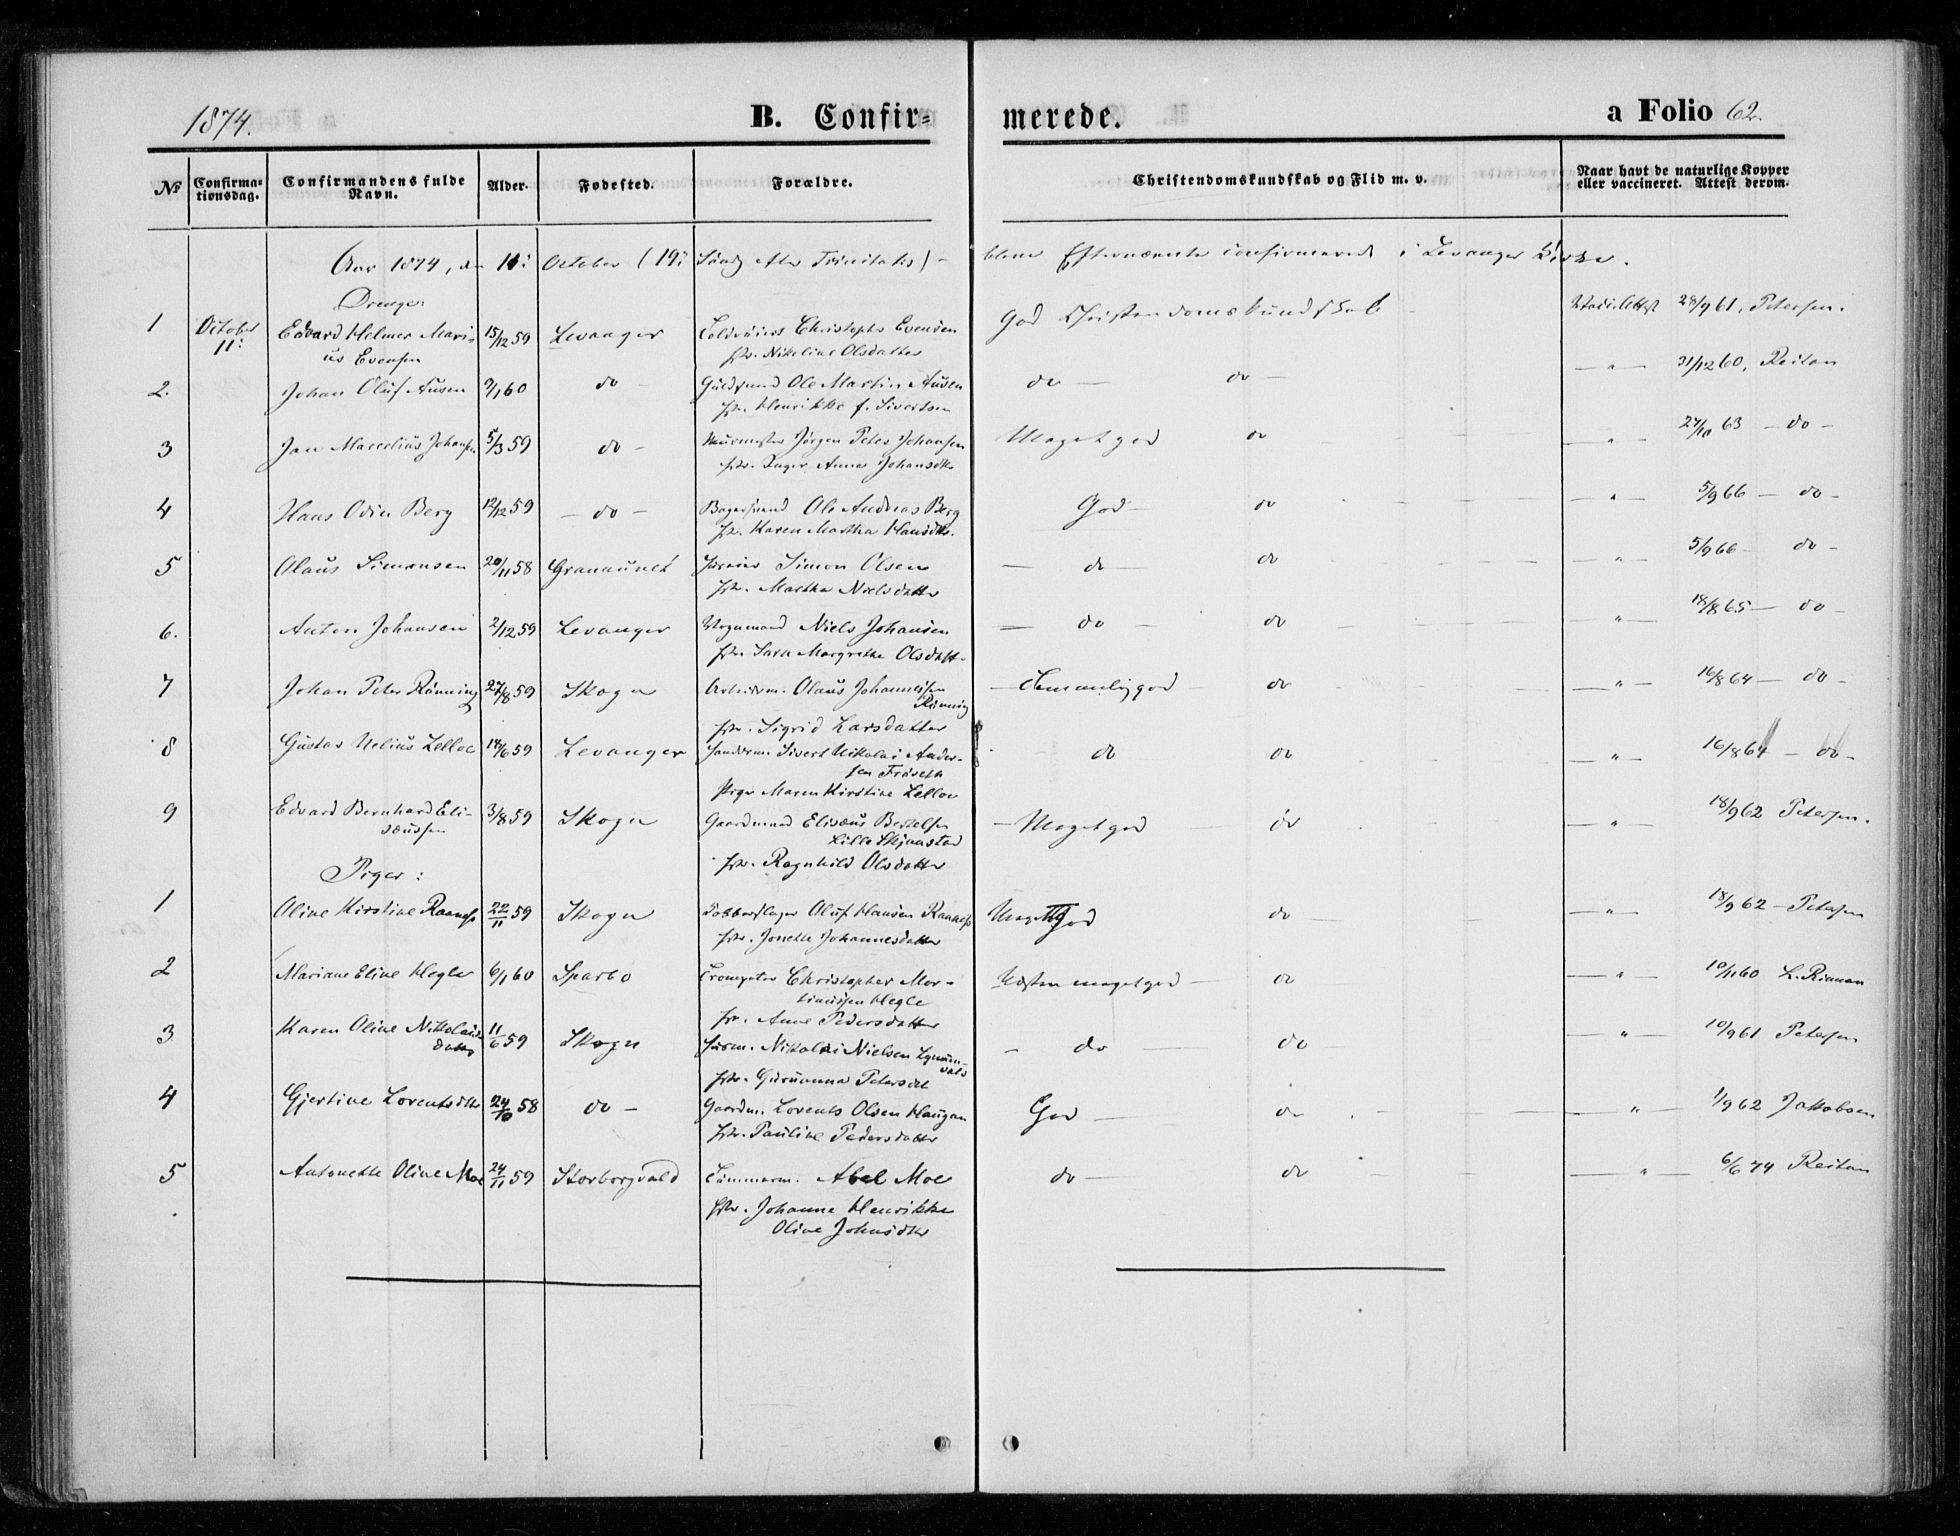 SAT, Ministerialprotokoller, klokkerbøker og fødselsregistre - Nord-Trøndelag, 720/L0186: Ministerialbok nr. 720A03, 1864-1874, s. 62